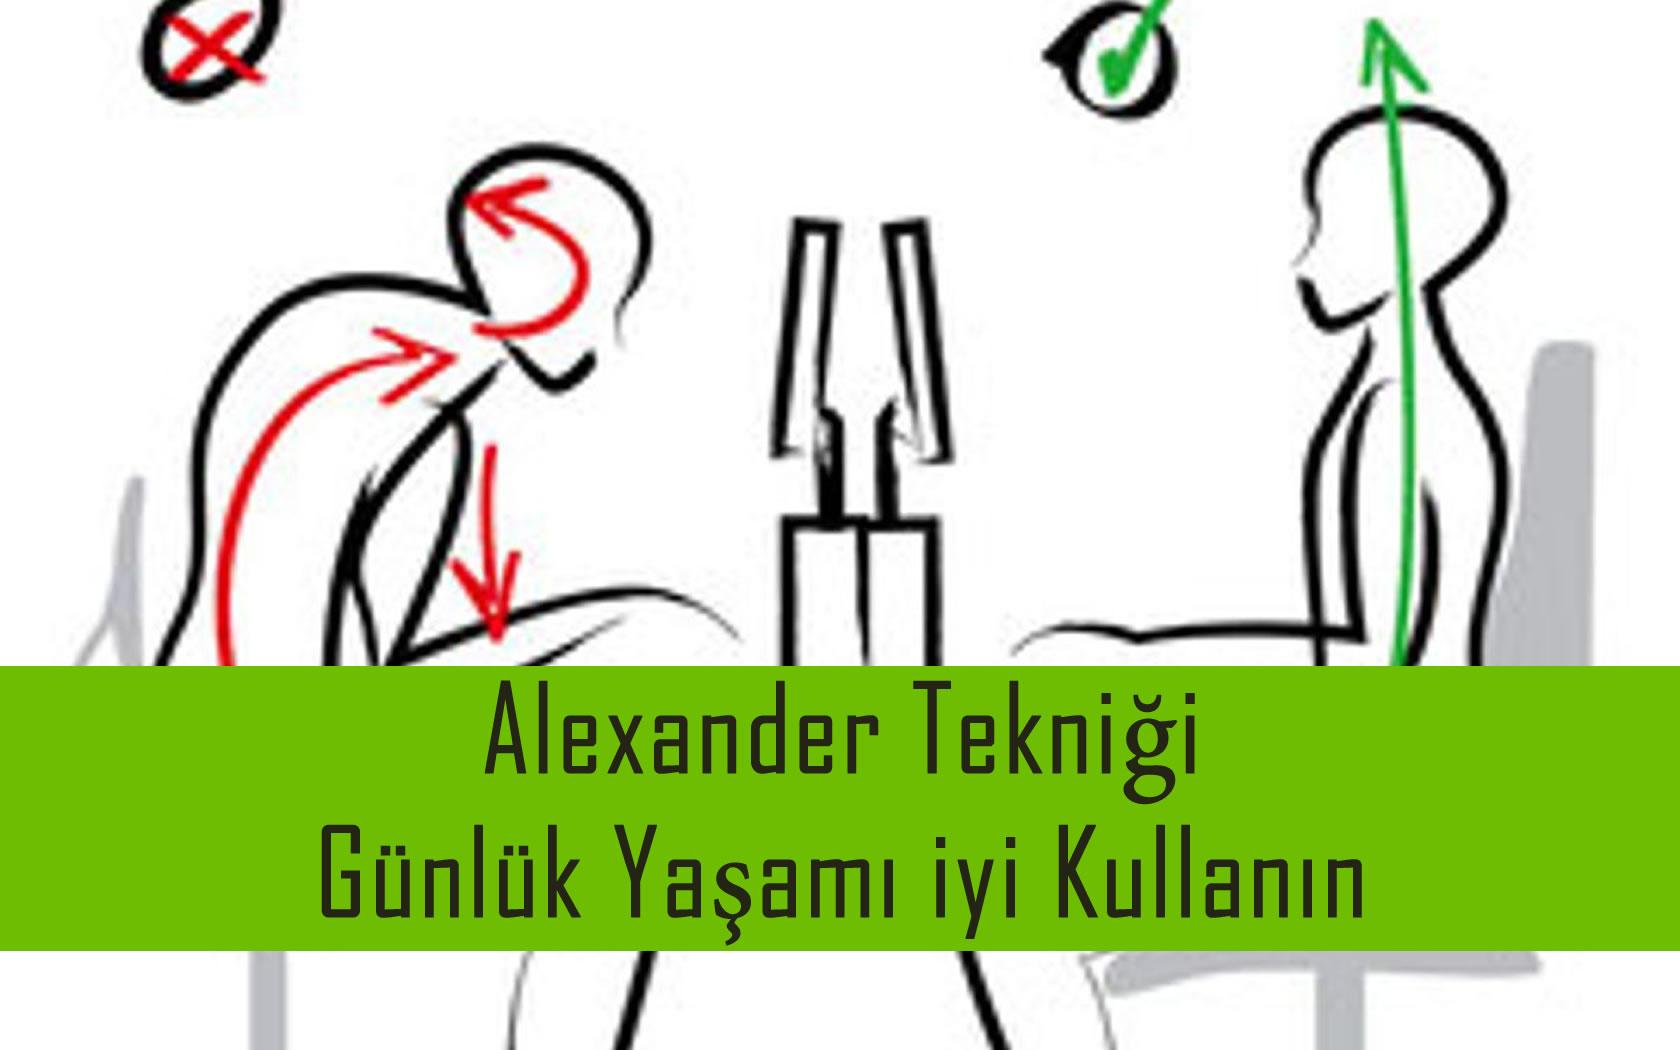 Alexander Tekniği ile Günlük Yaşamı iyi Kullanmak